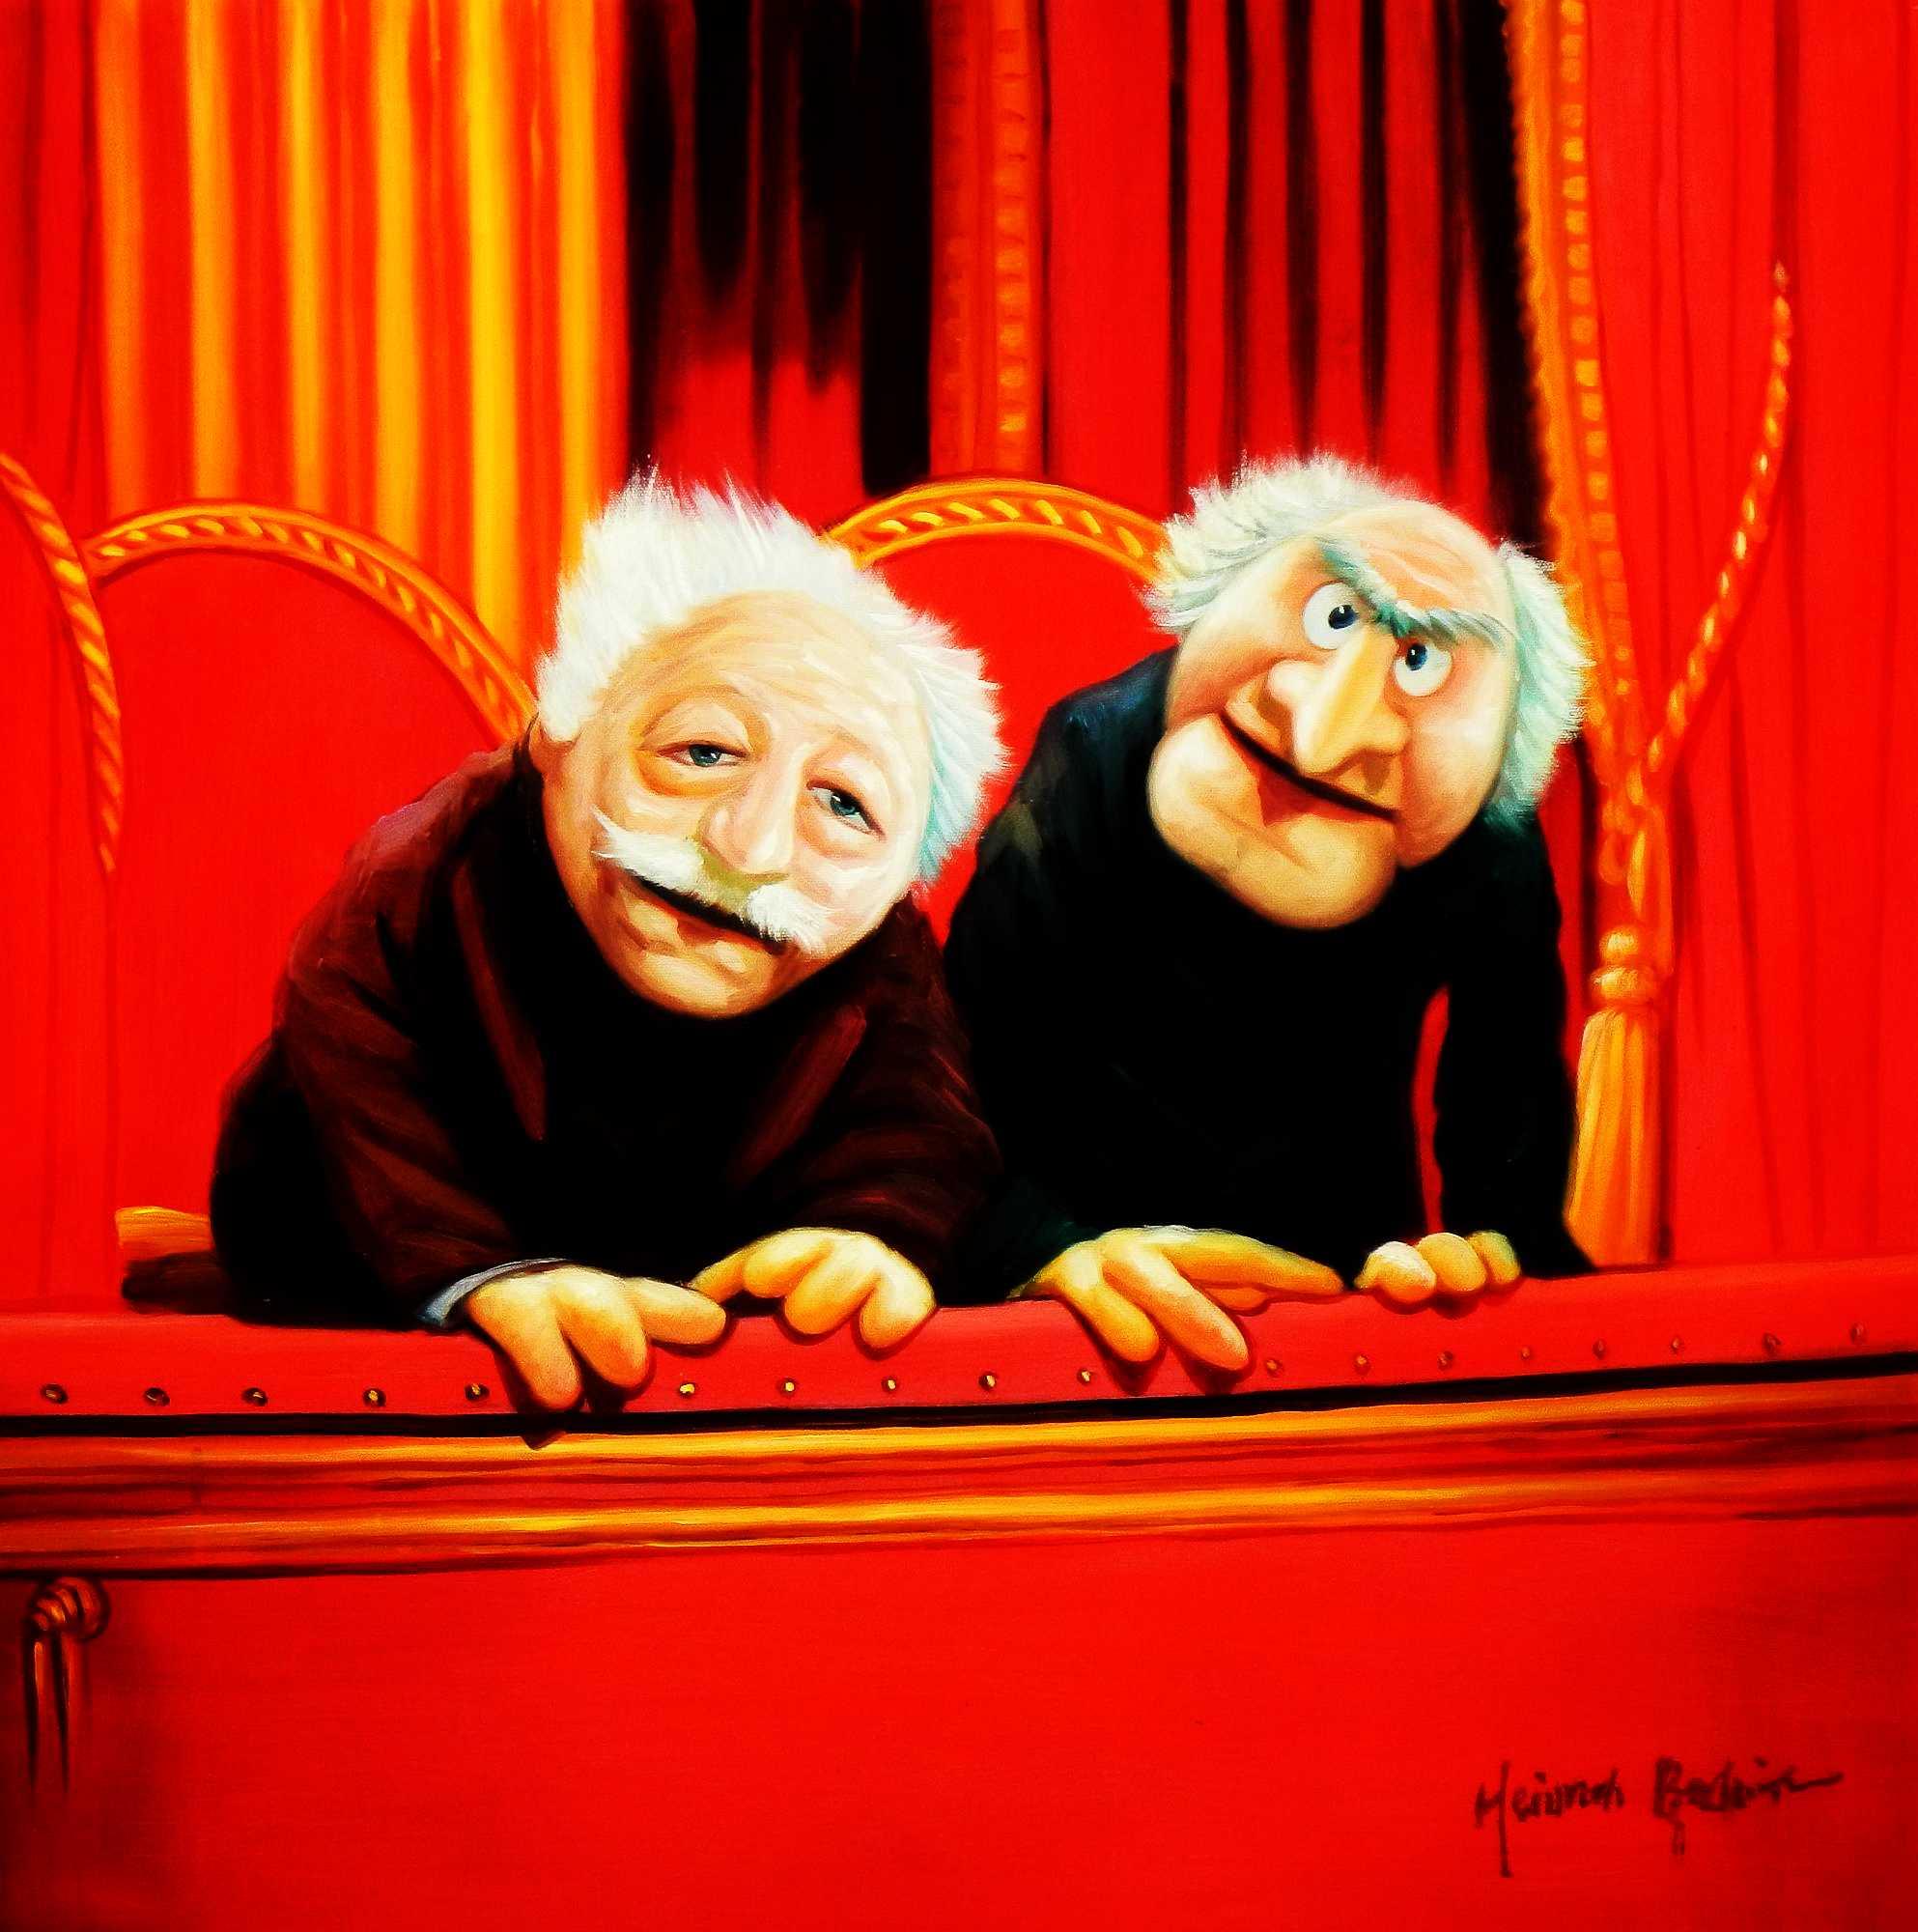 Muppet Opas Waldorf & Statler Pop Art e95212 60x60cm großartiges Ölbild